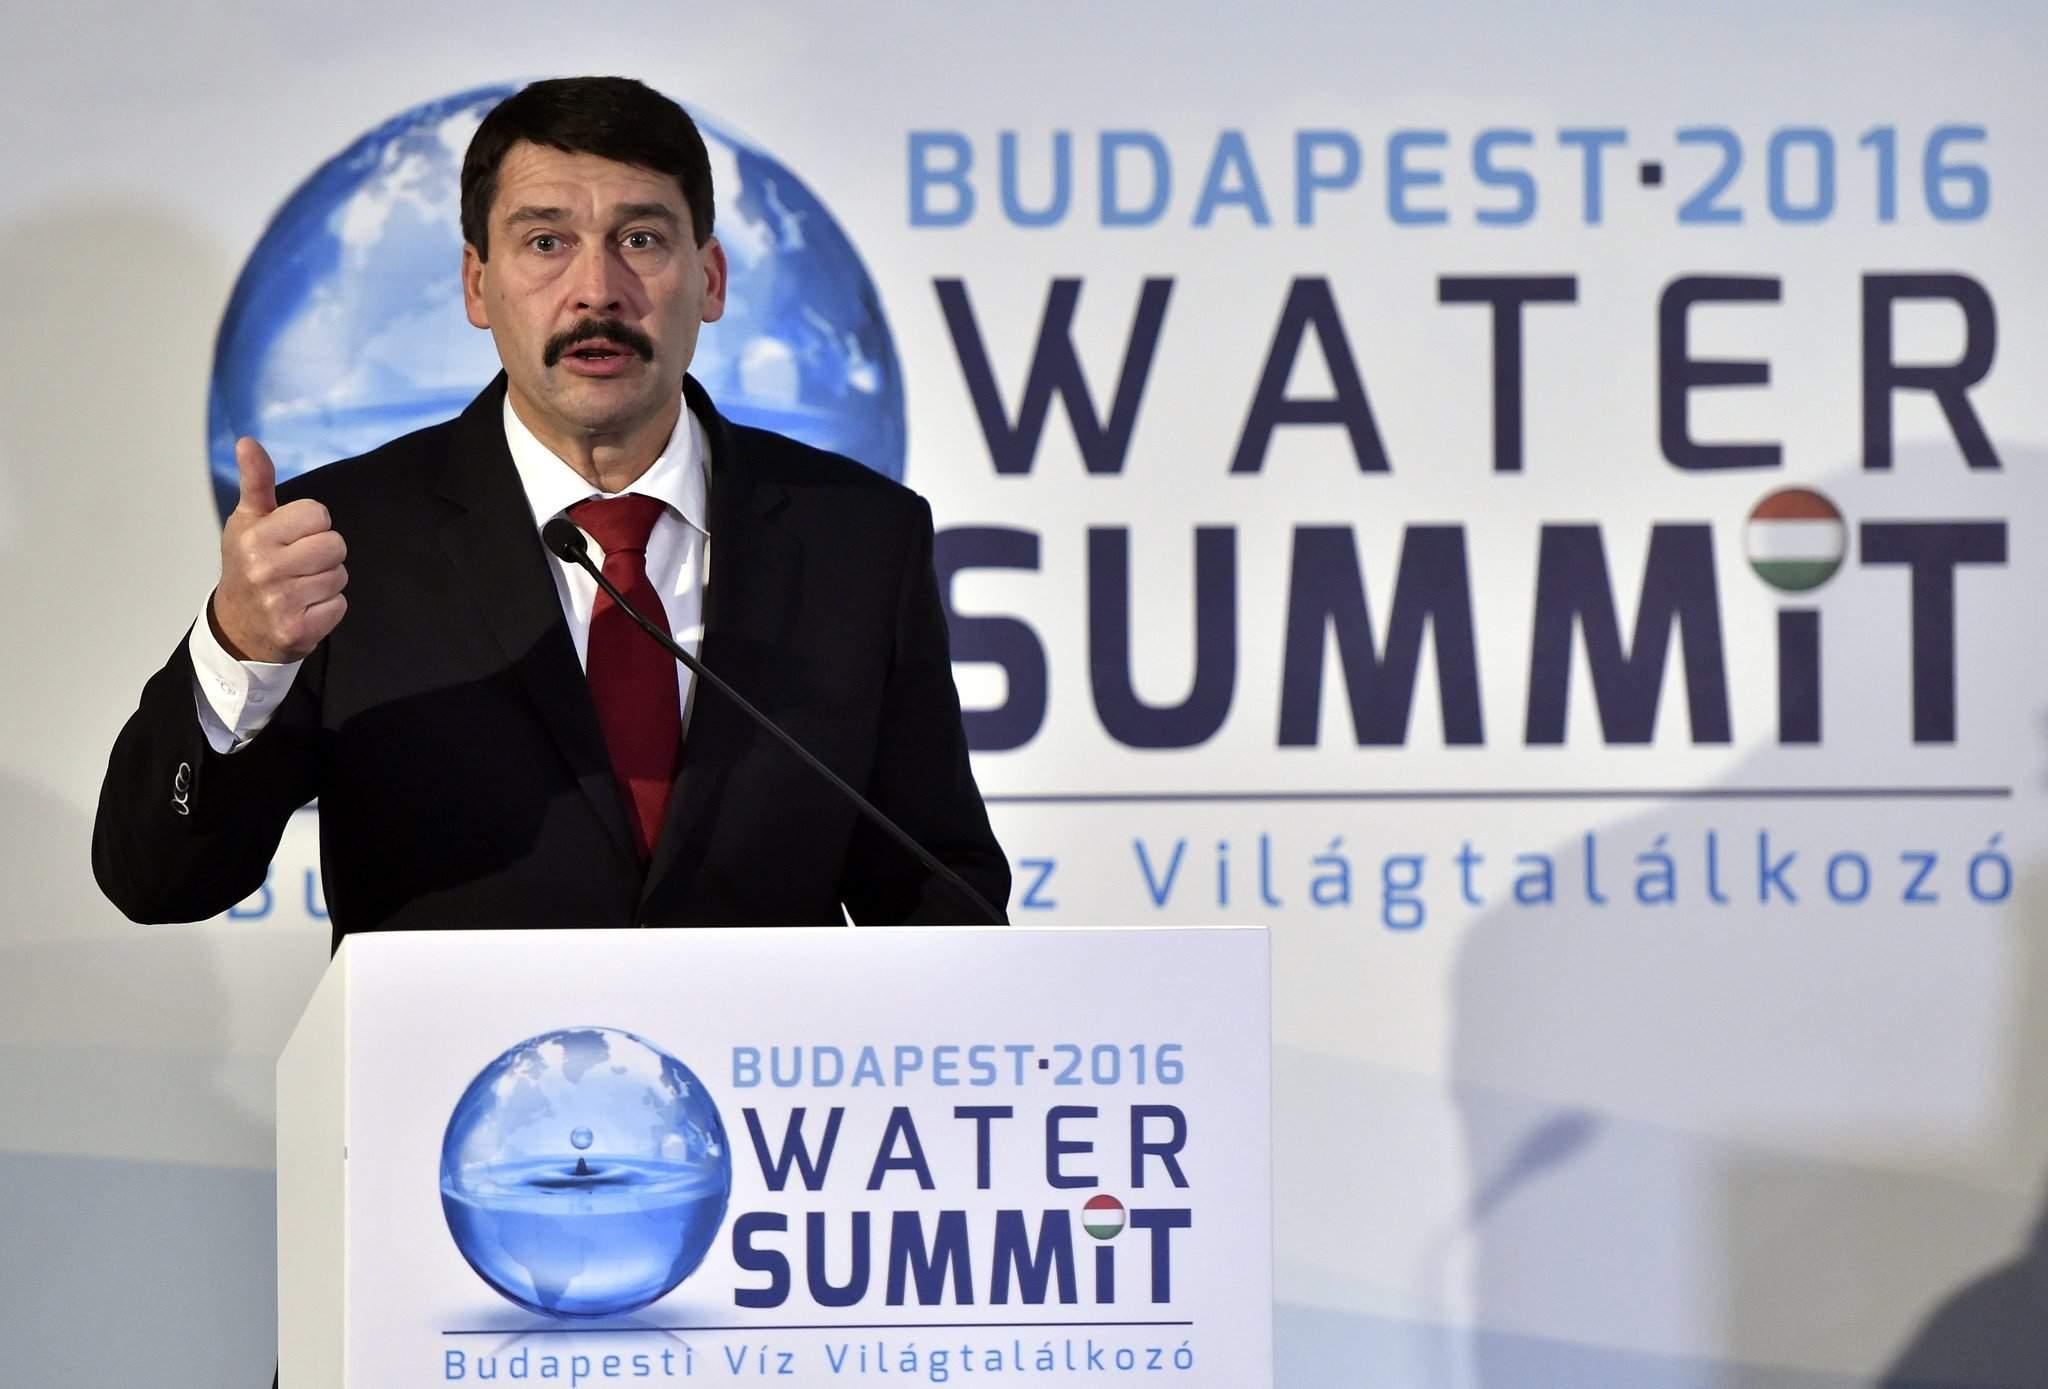 water-summit President Áder